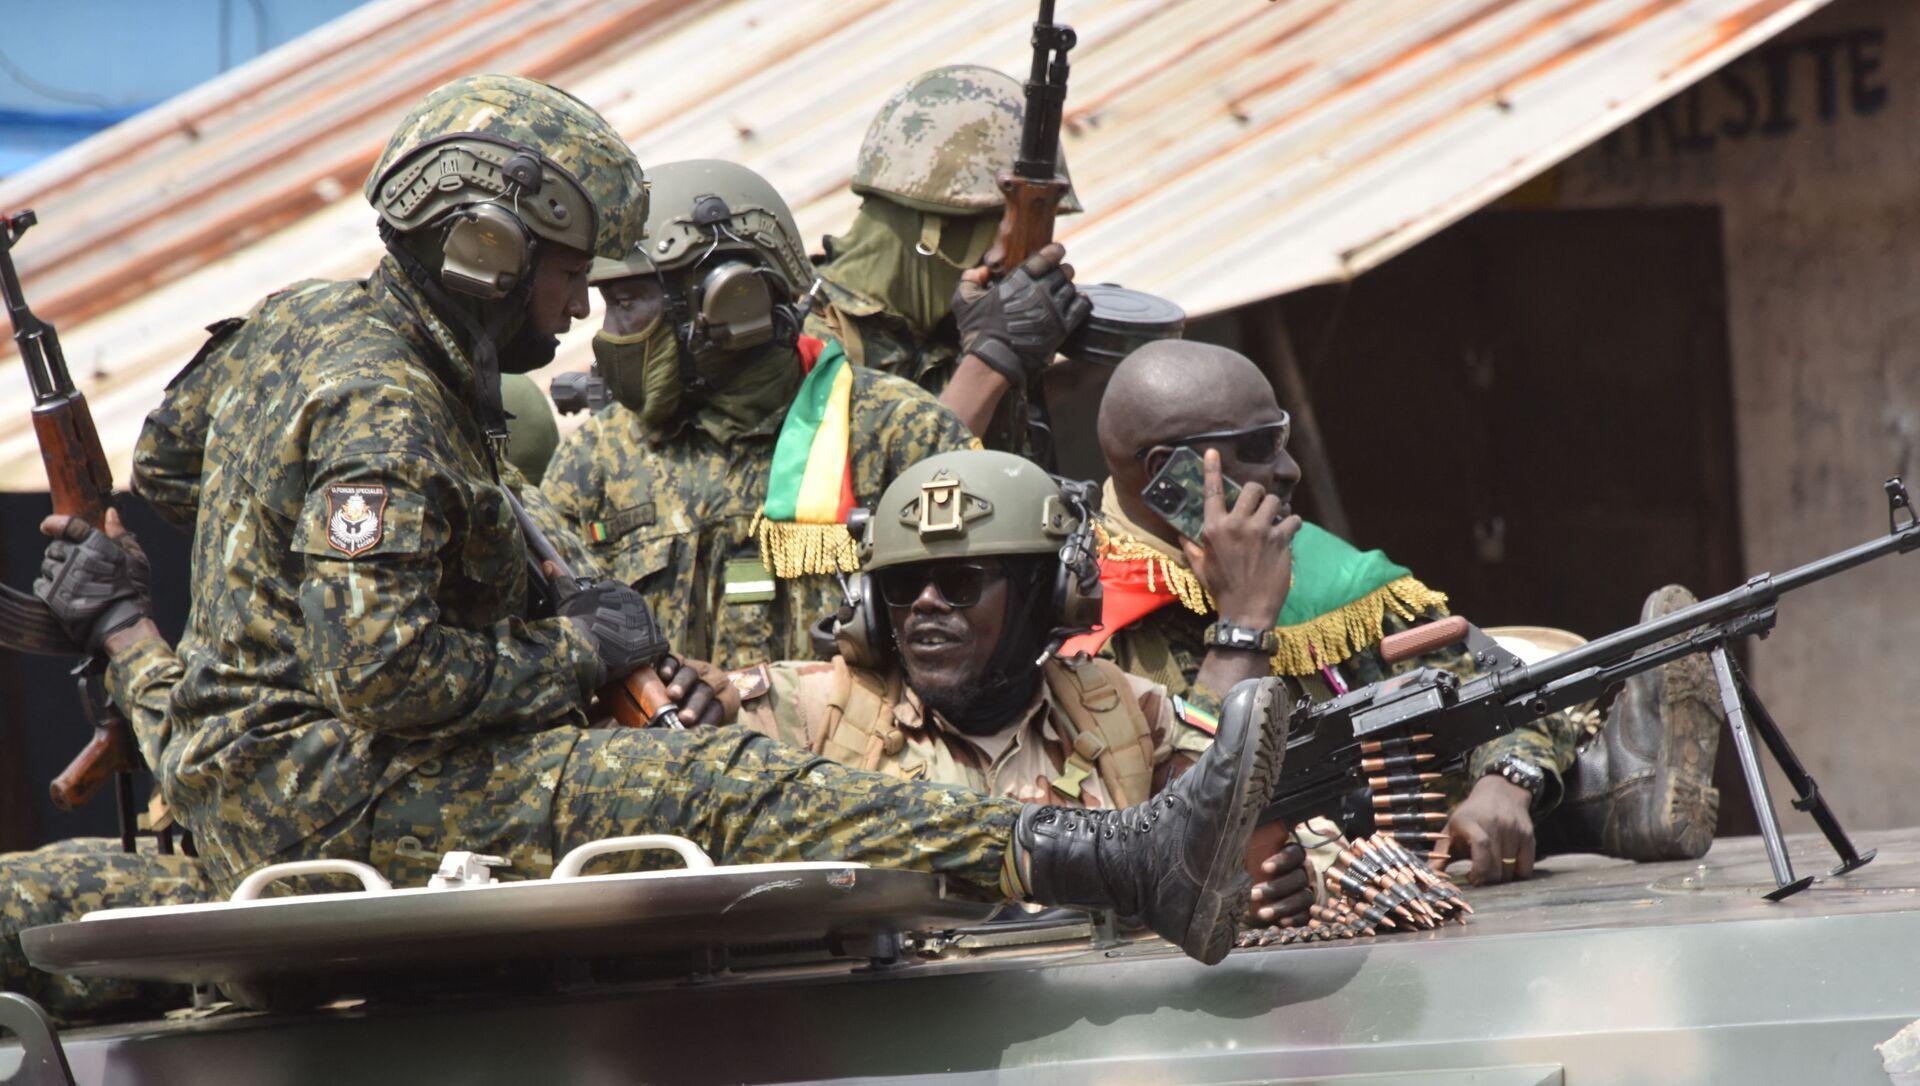 Binh lính Guinea trên một con phố ở Conakry sau vụ bắt giữ Tổng thống Alpha Conde - Sputnik Việt Nam, 1920, 18.09.2021